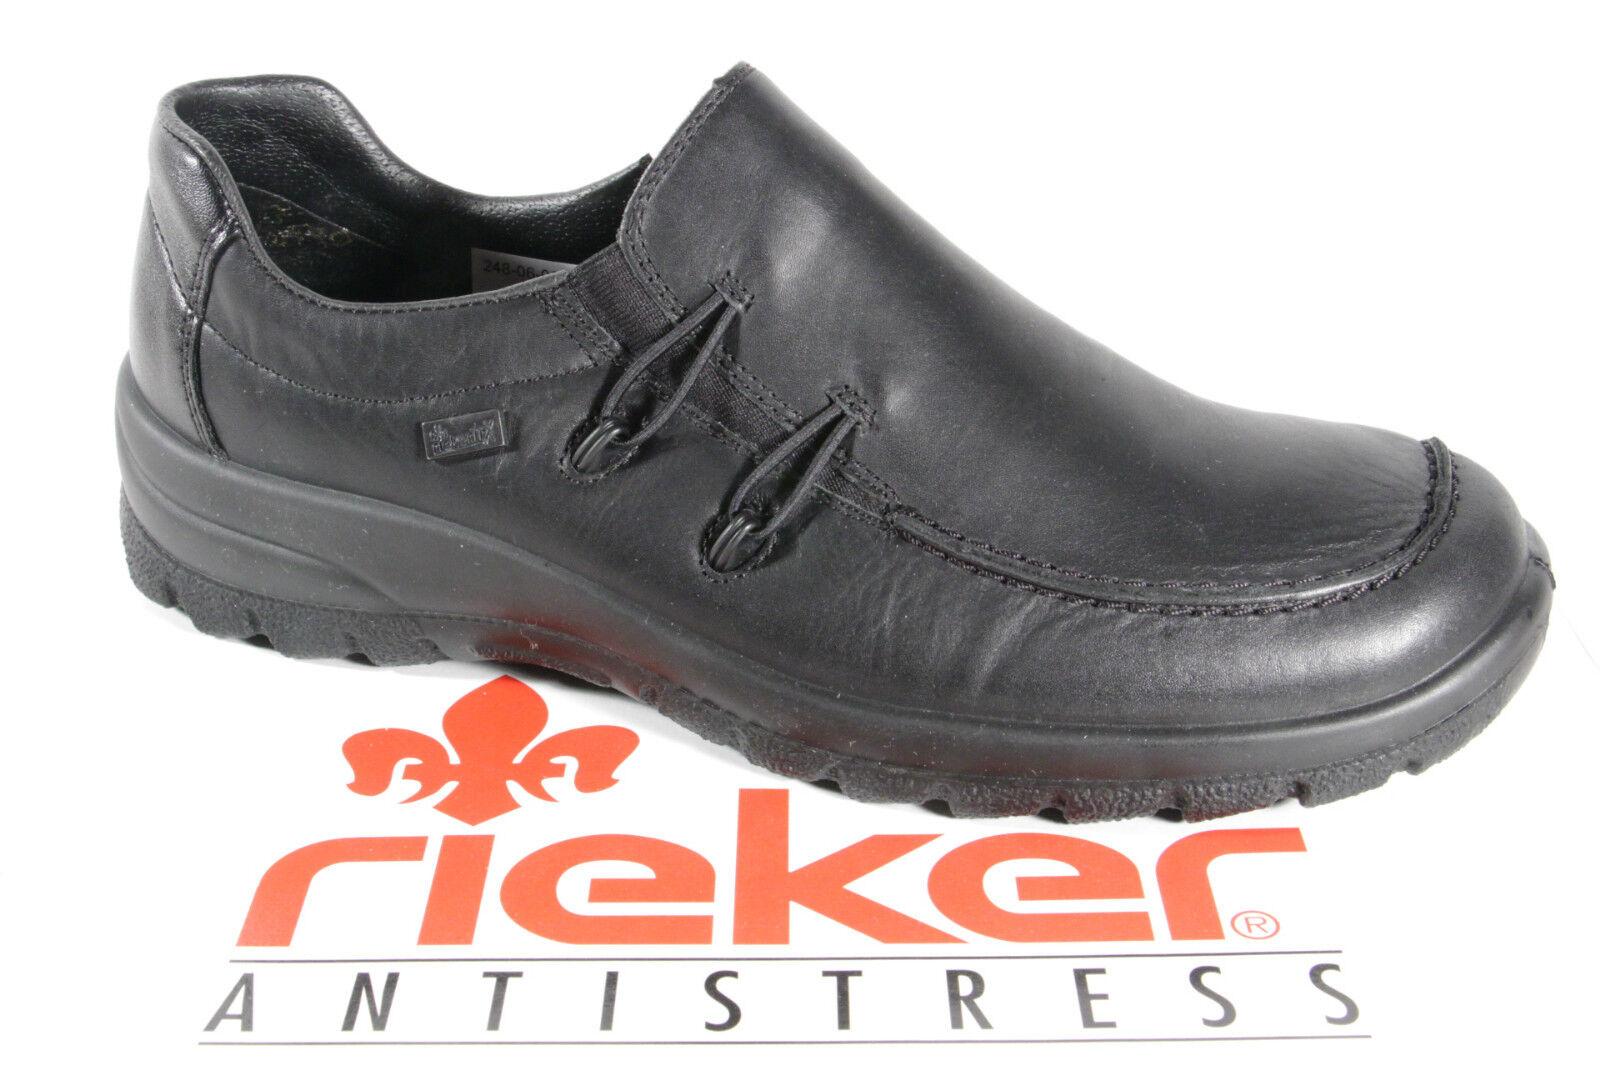 Rieker Tex Slipper scarpe Trainers Leather nero  L7180 NUOVO  la vostra soddisfazione è il nostro obiettivo